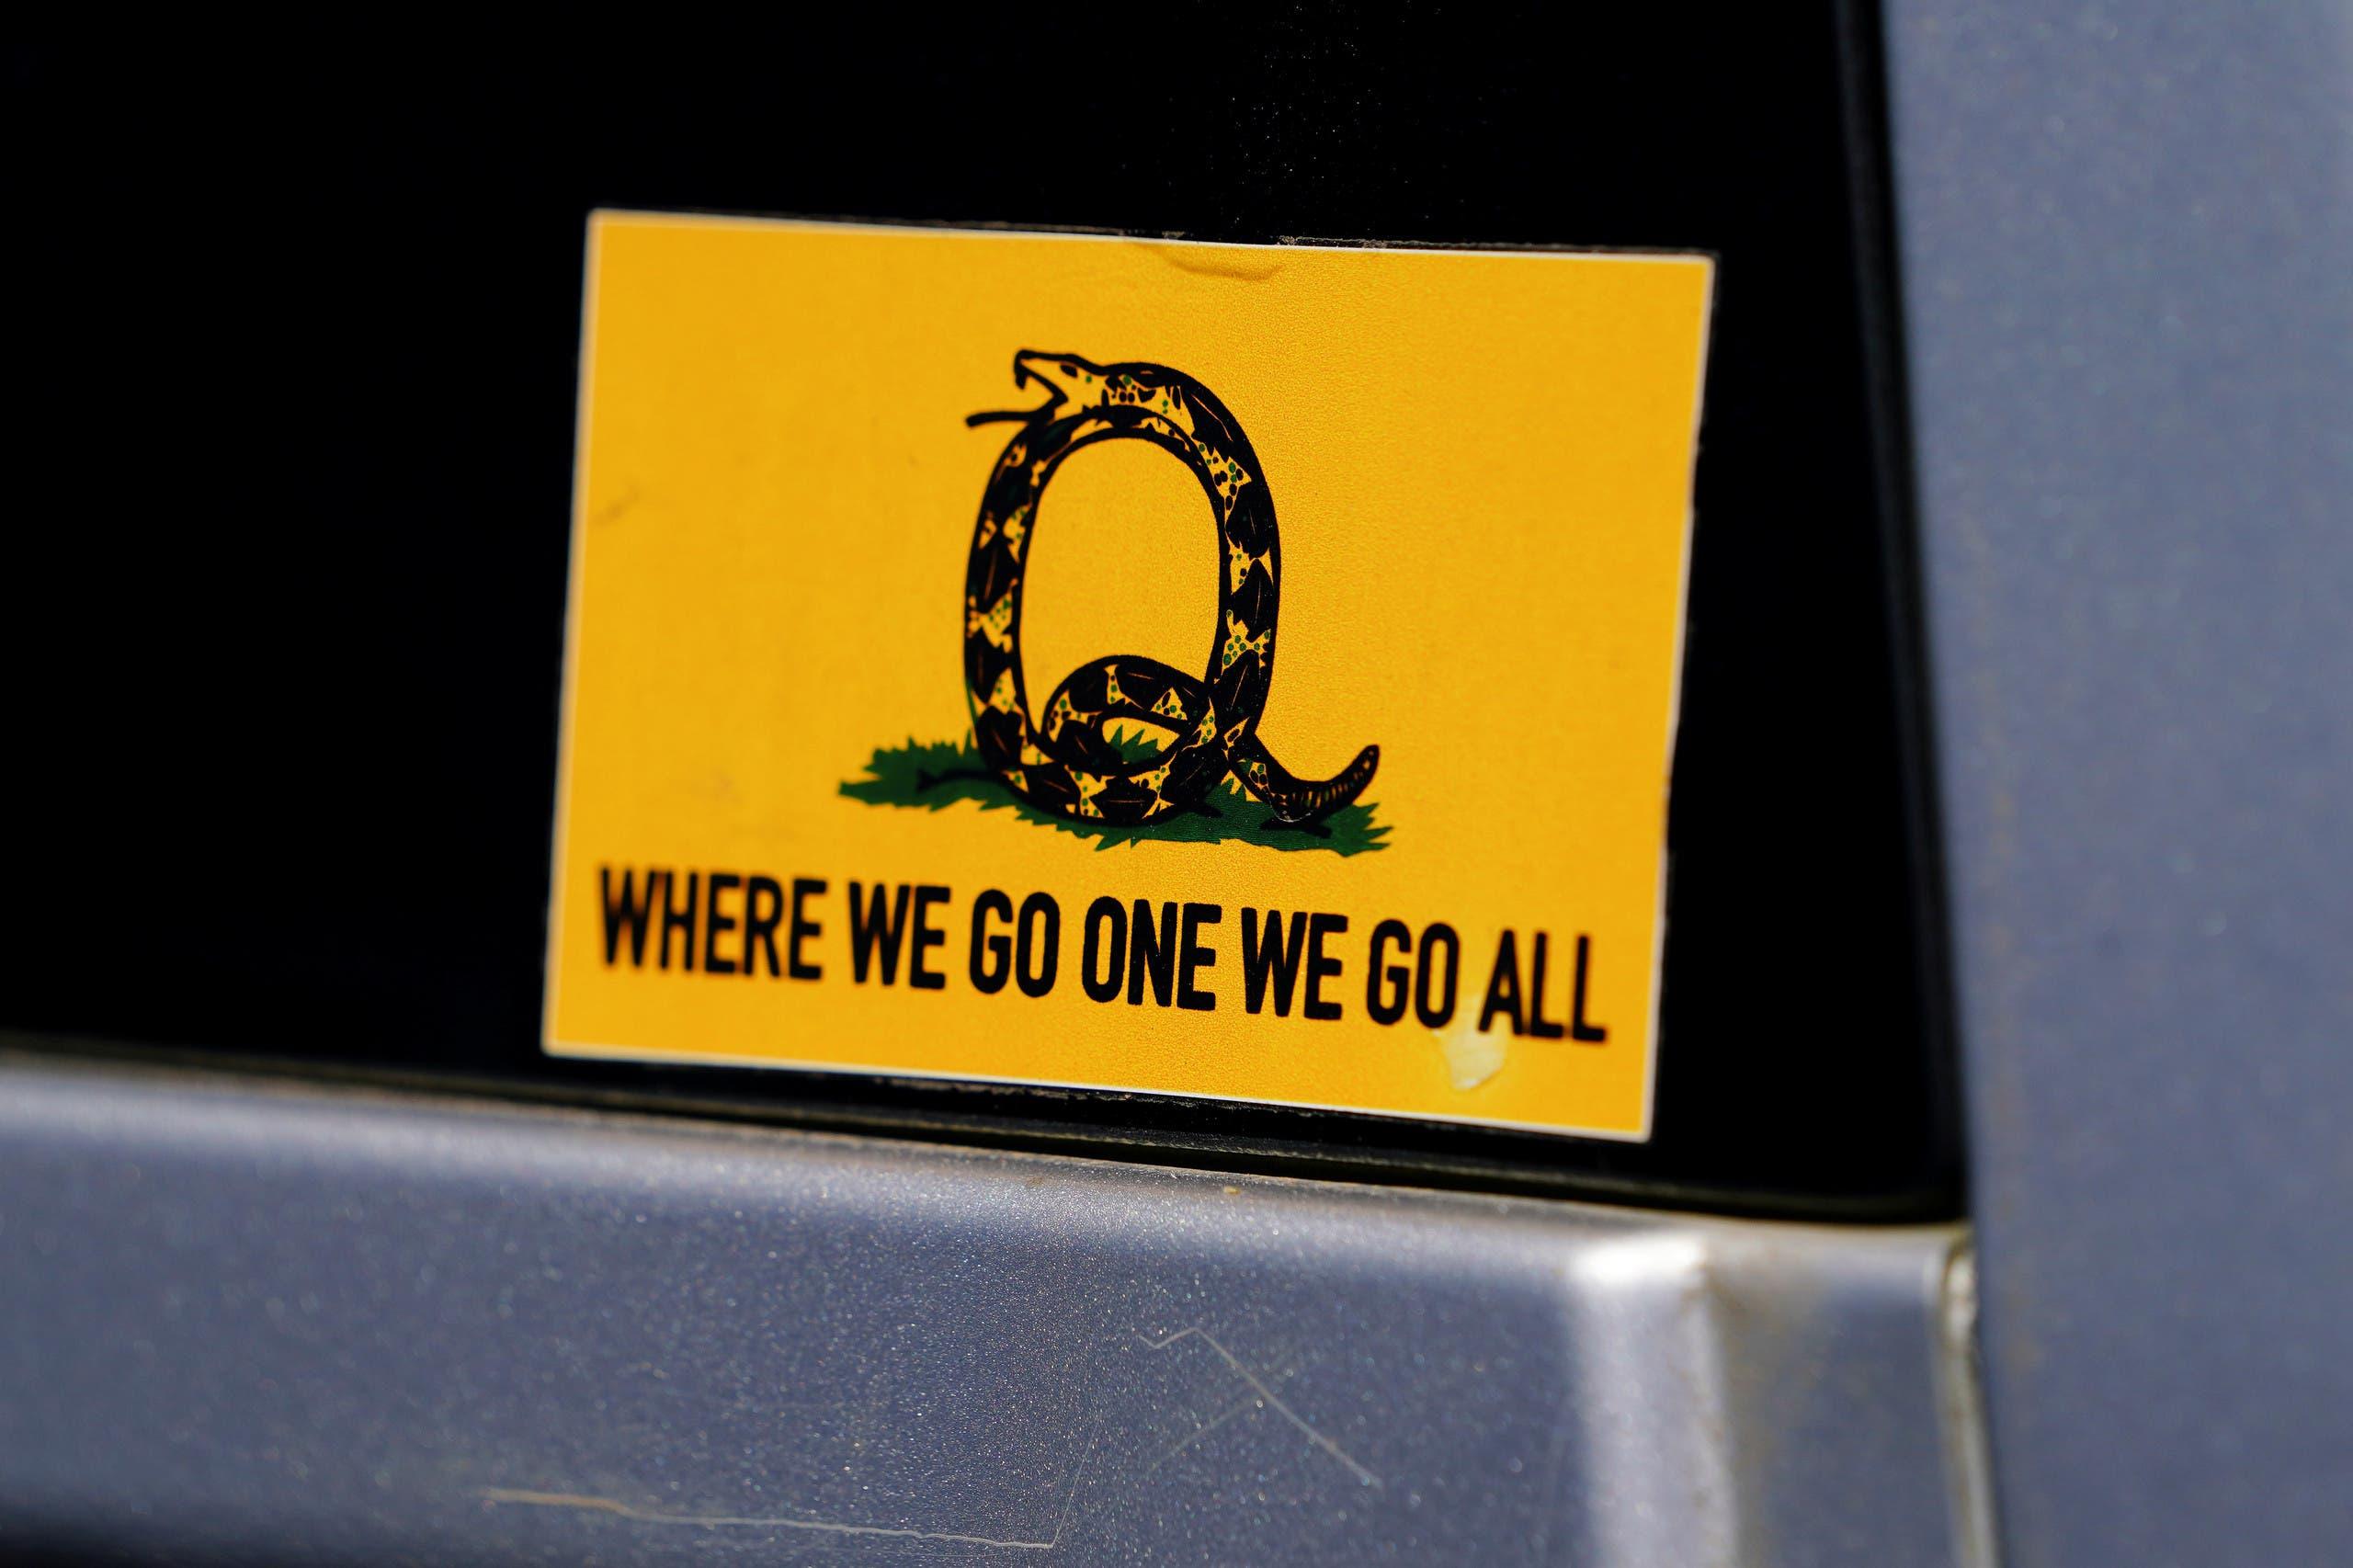 شعار حركة كيو آنون